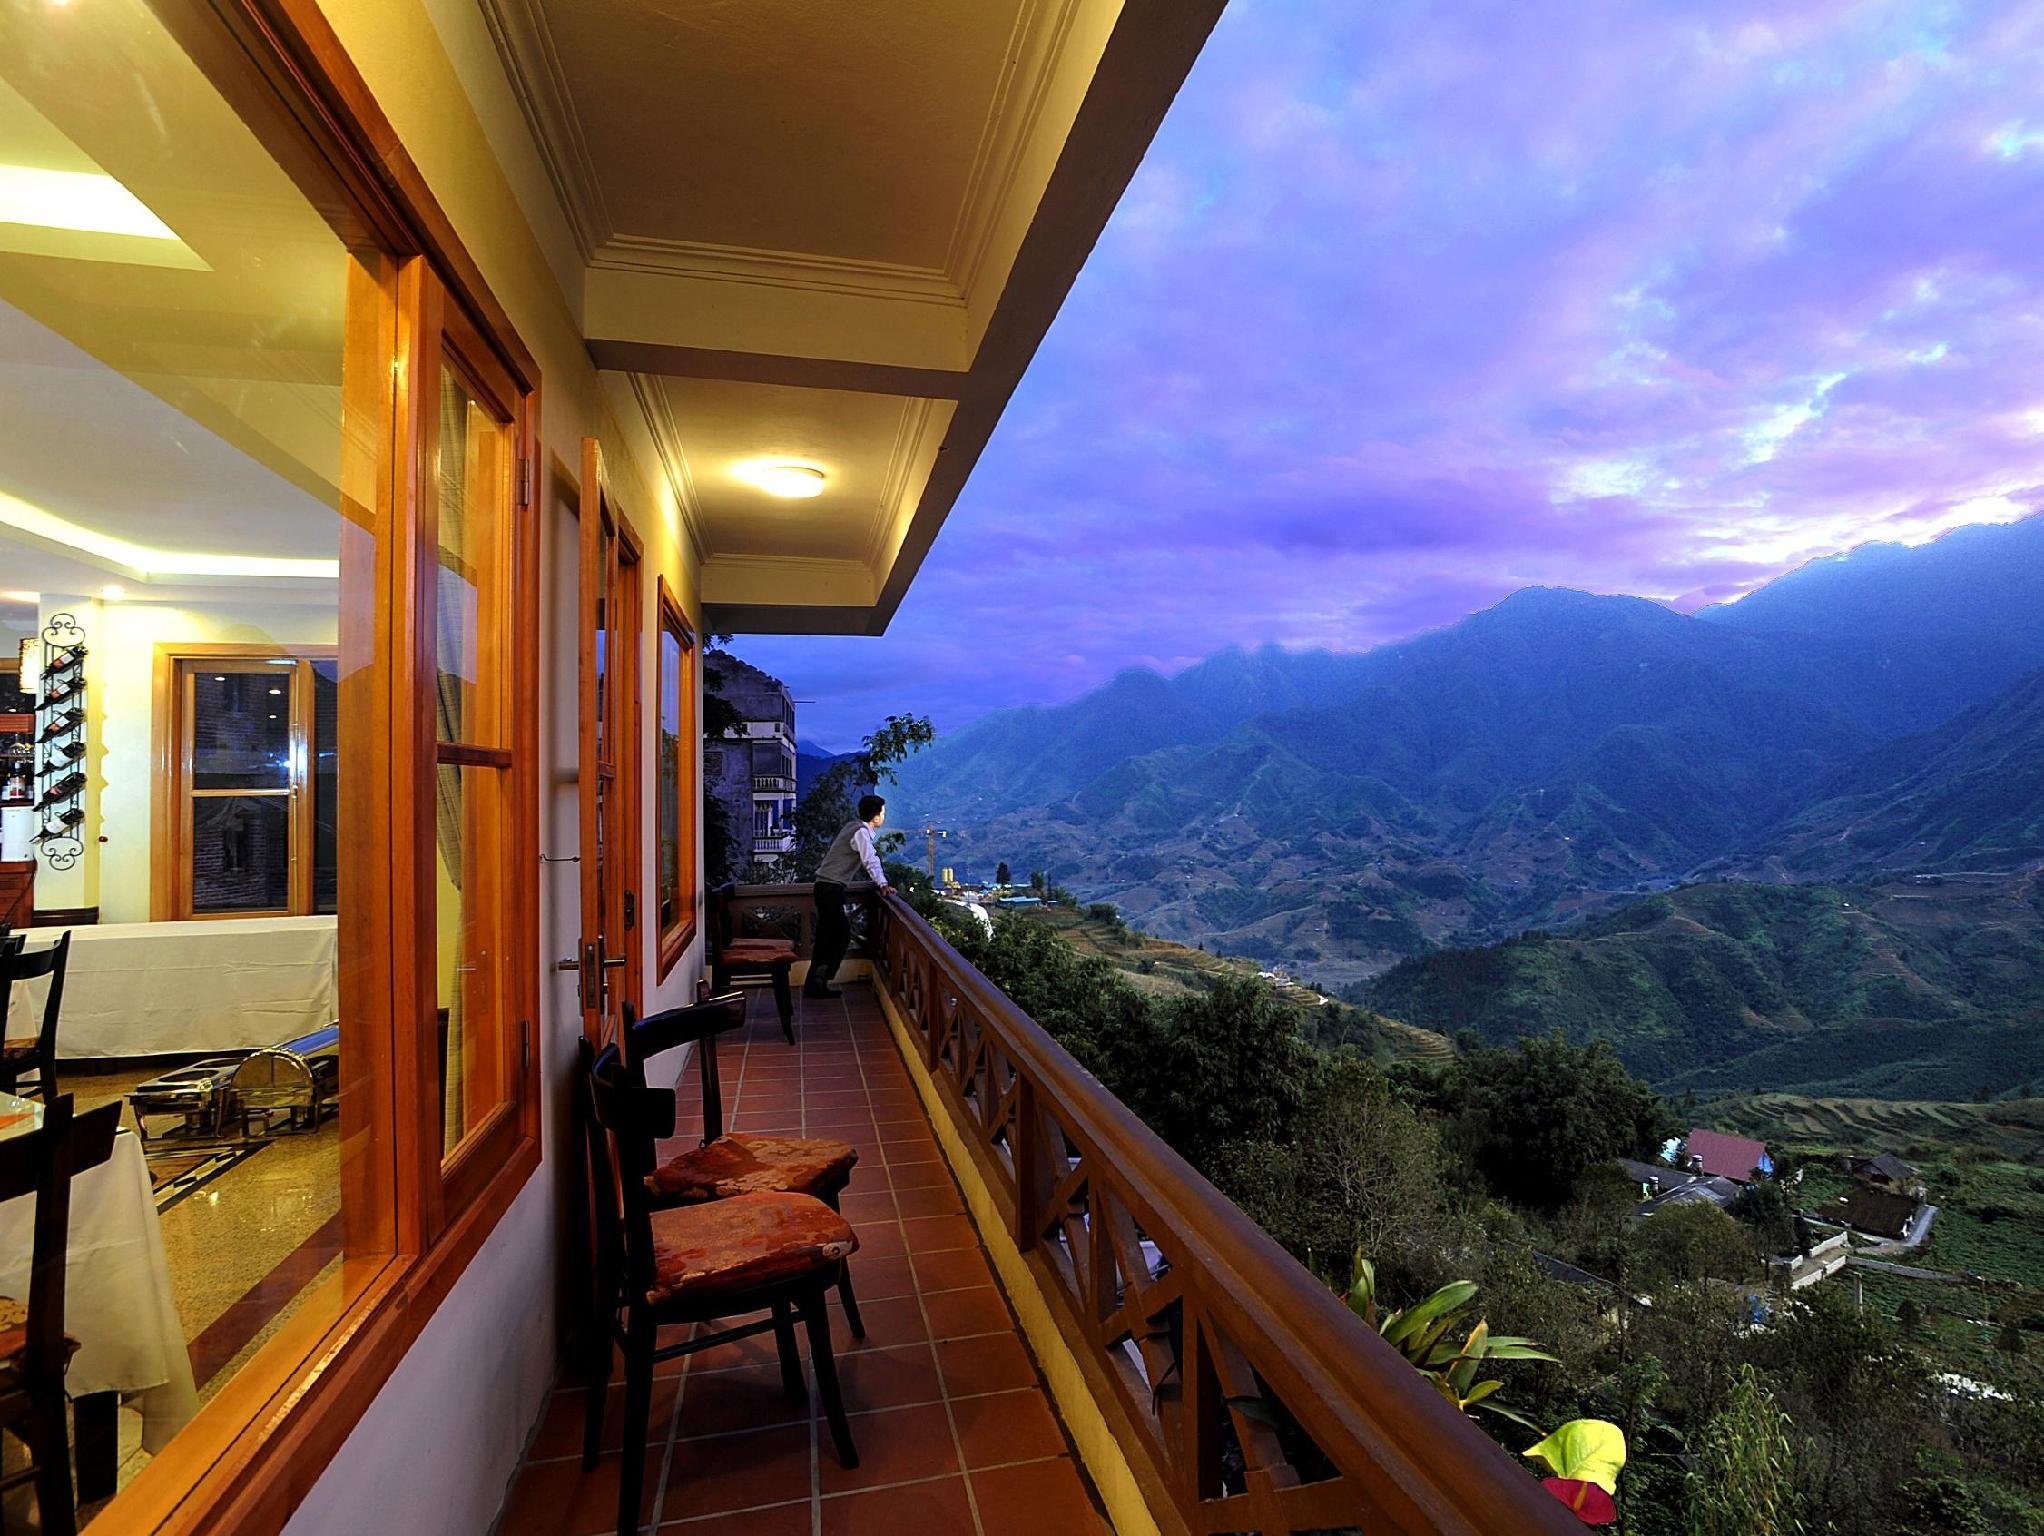 Sapa Lodge Hotel - Hotell och Boende i Vietnam , Sapa (Lao Cai)